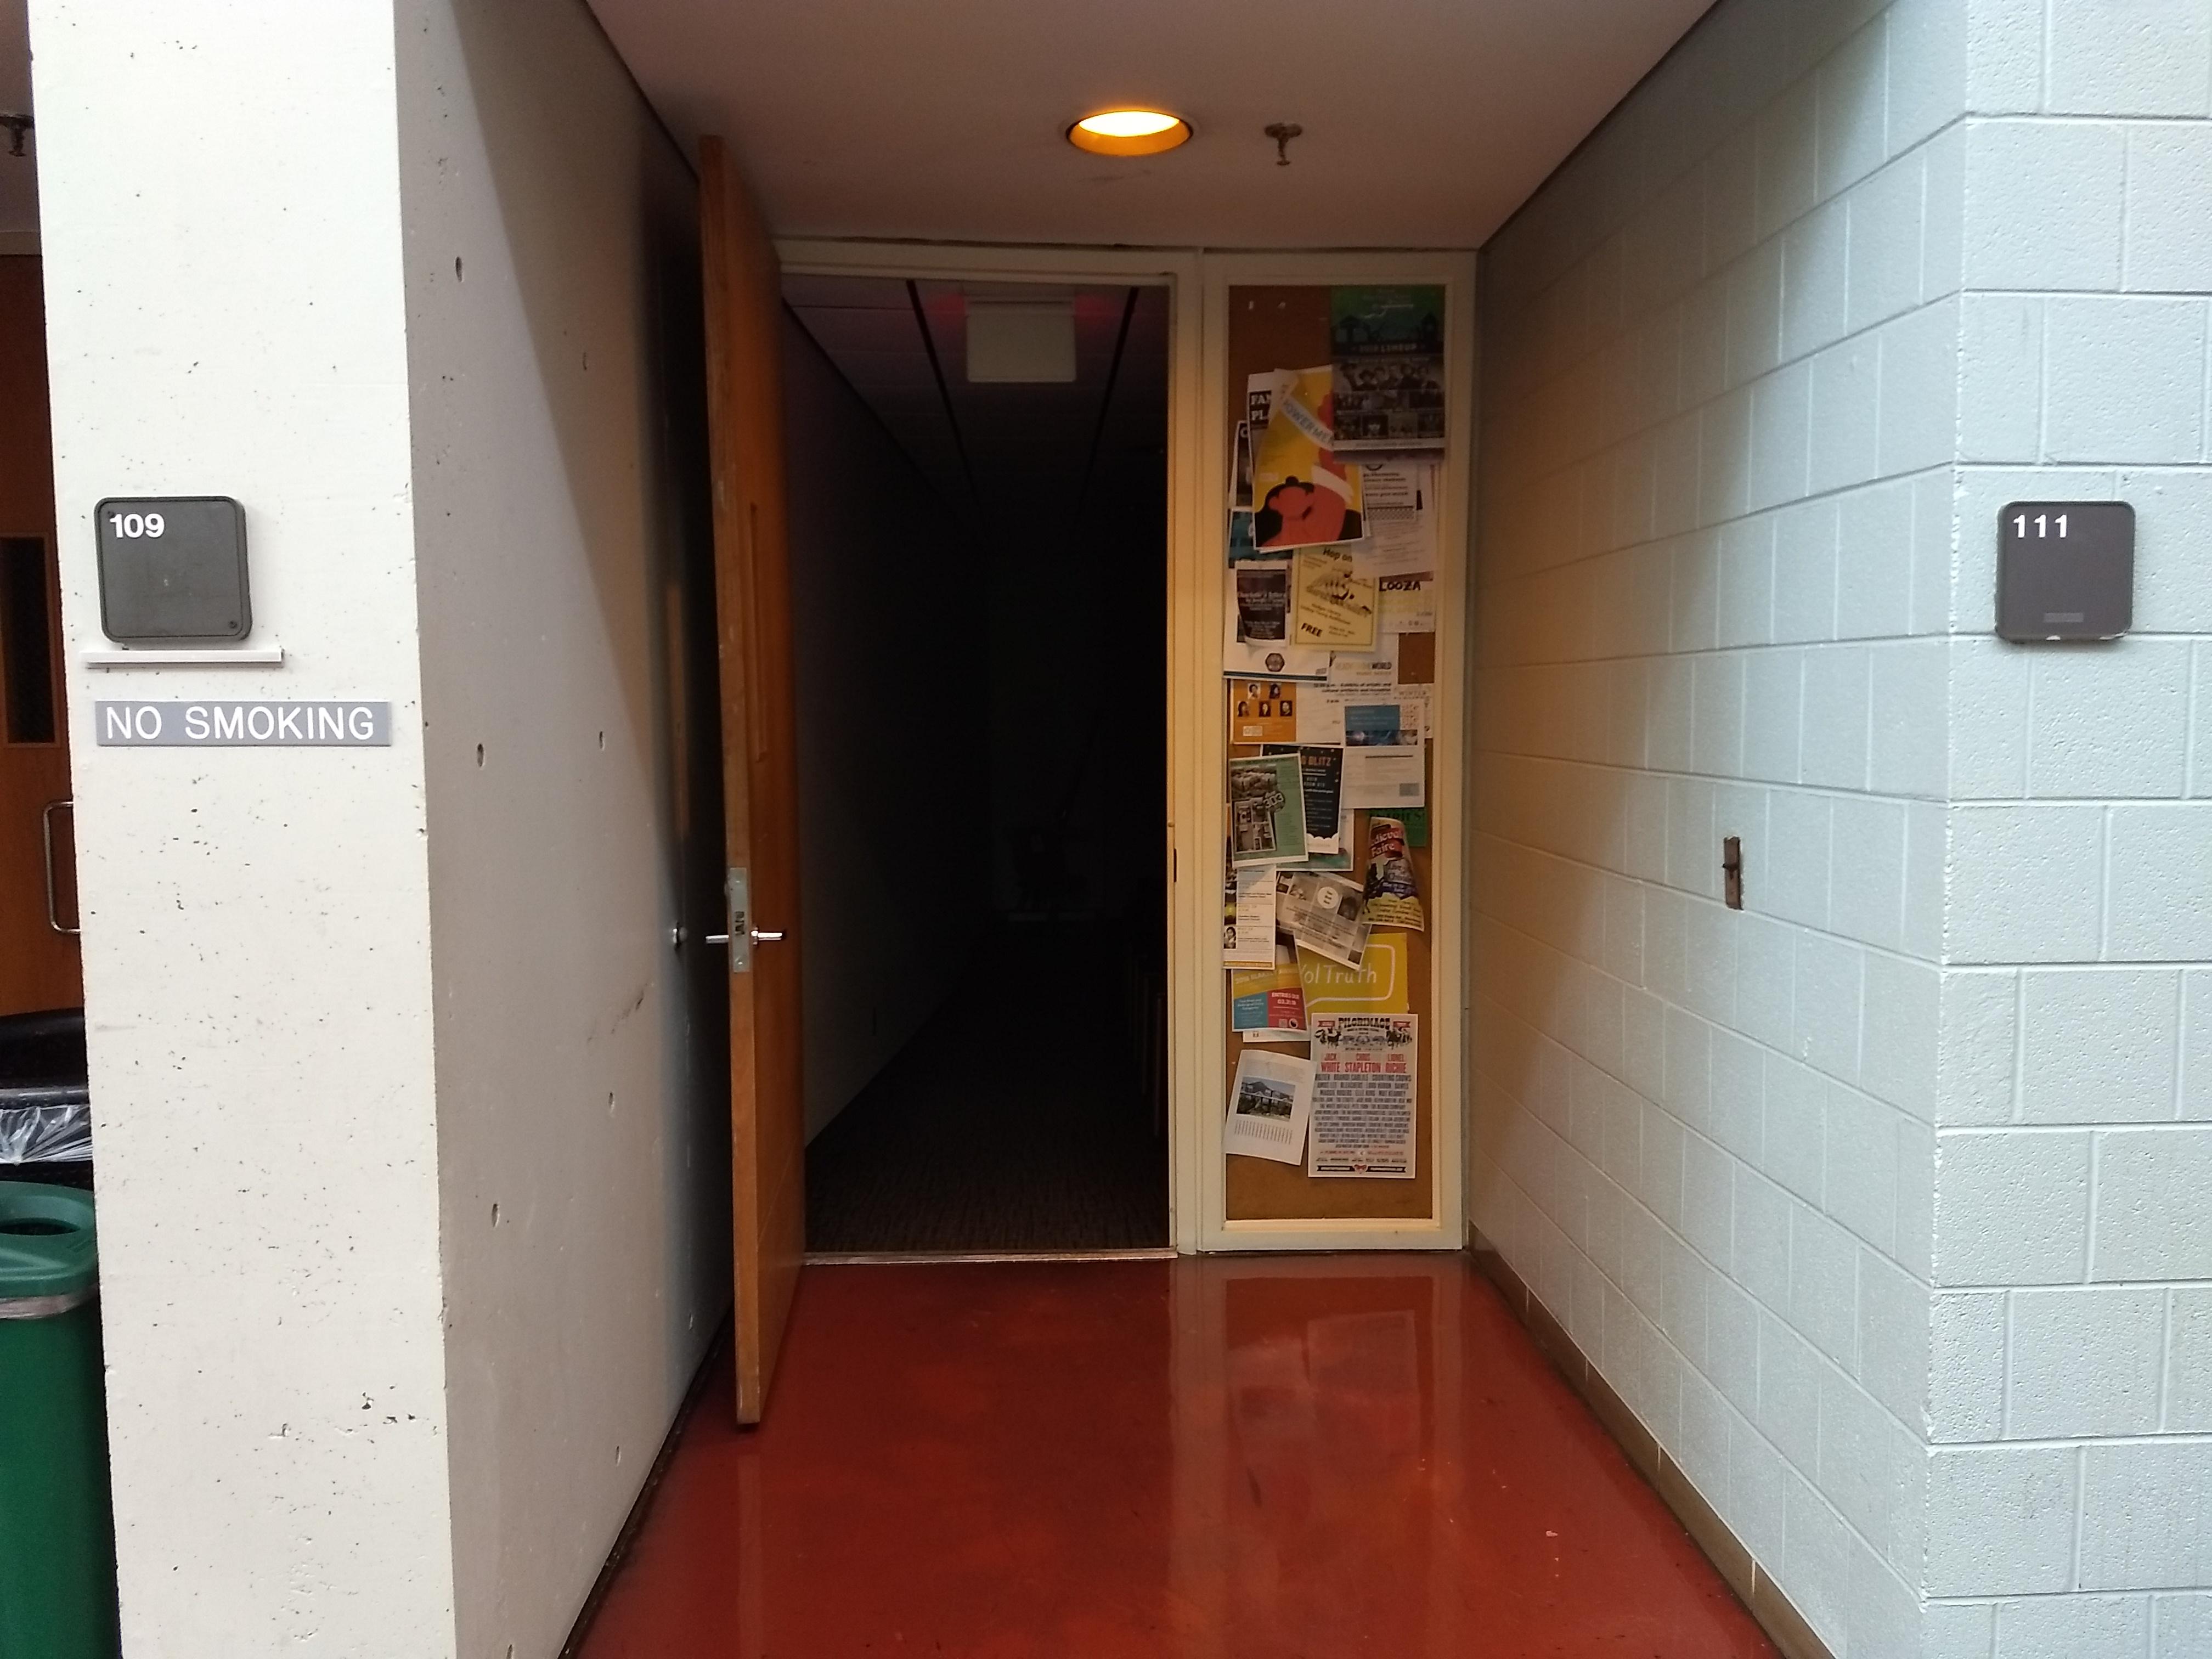 1st floor outside room 111 left hand side